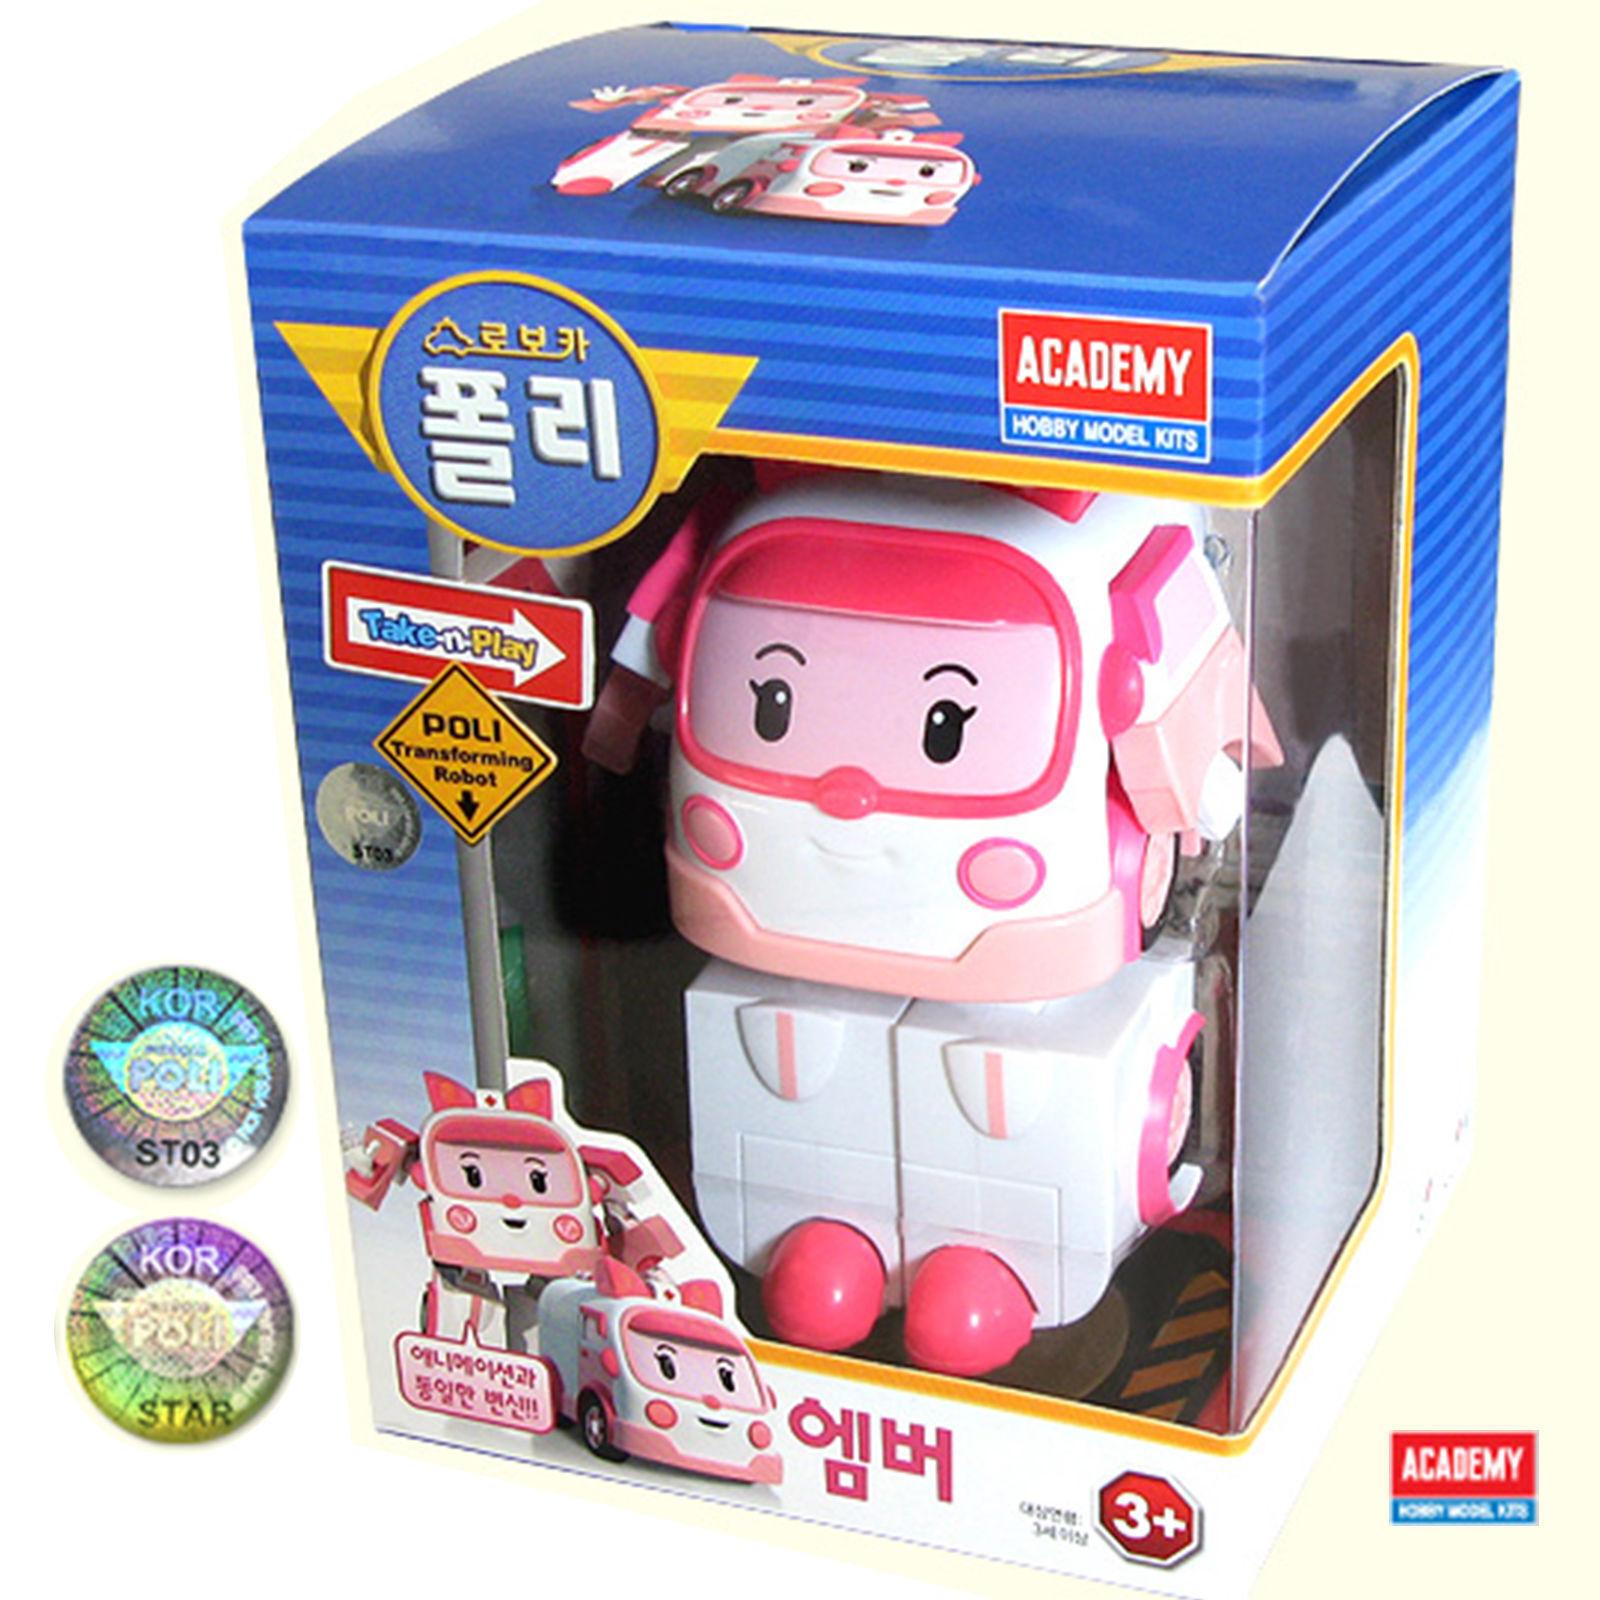 ROBOCoche Poli  ámbar transformar Robot De Juguete Serie Academy animación coreana